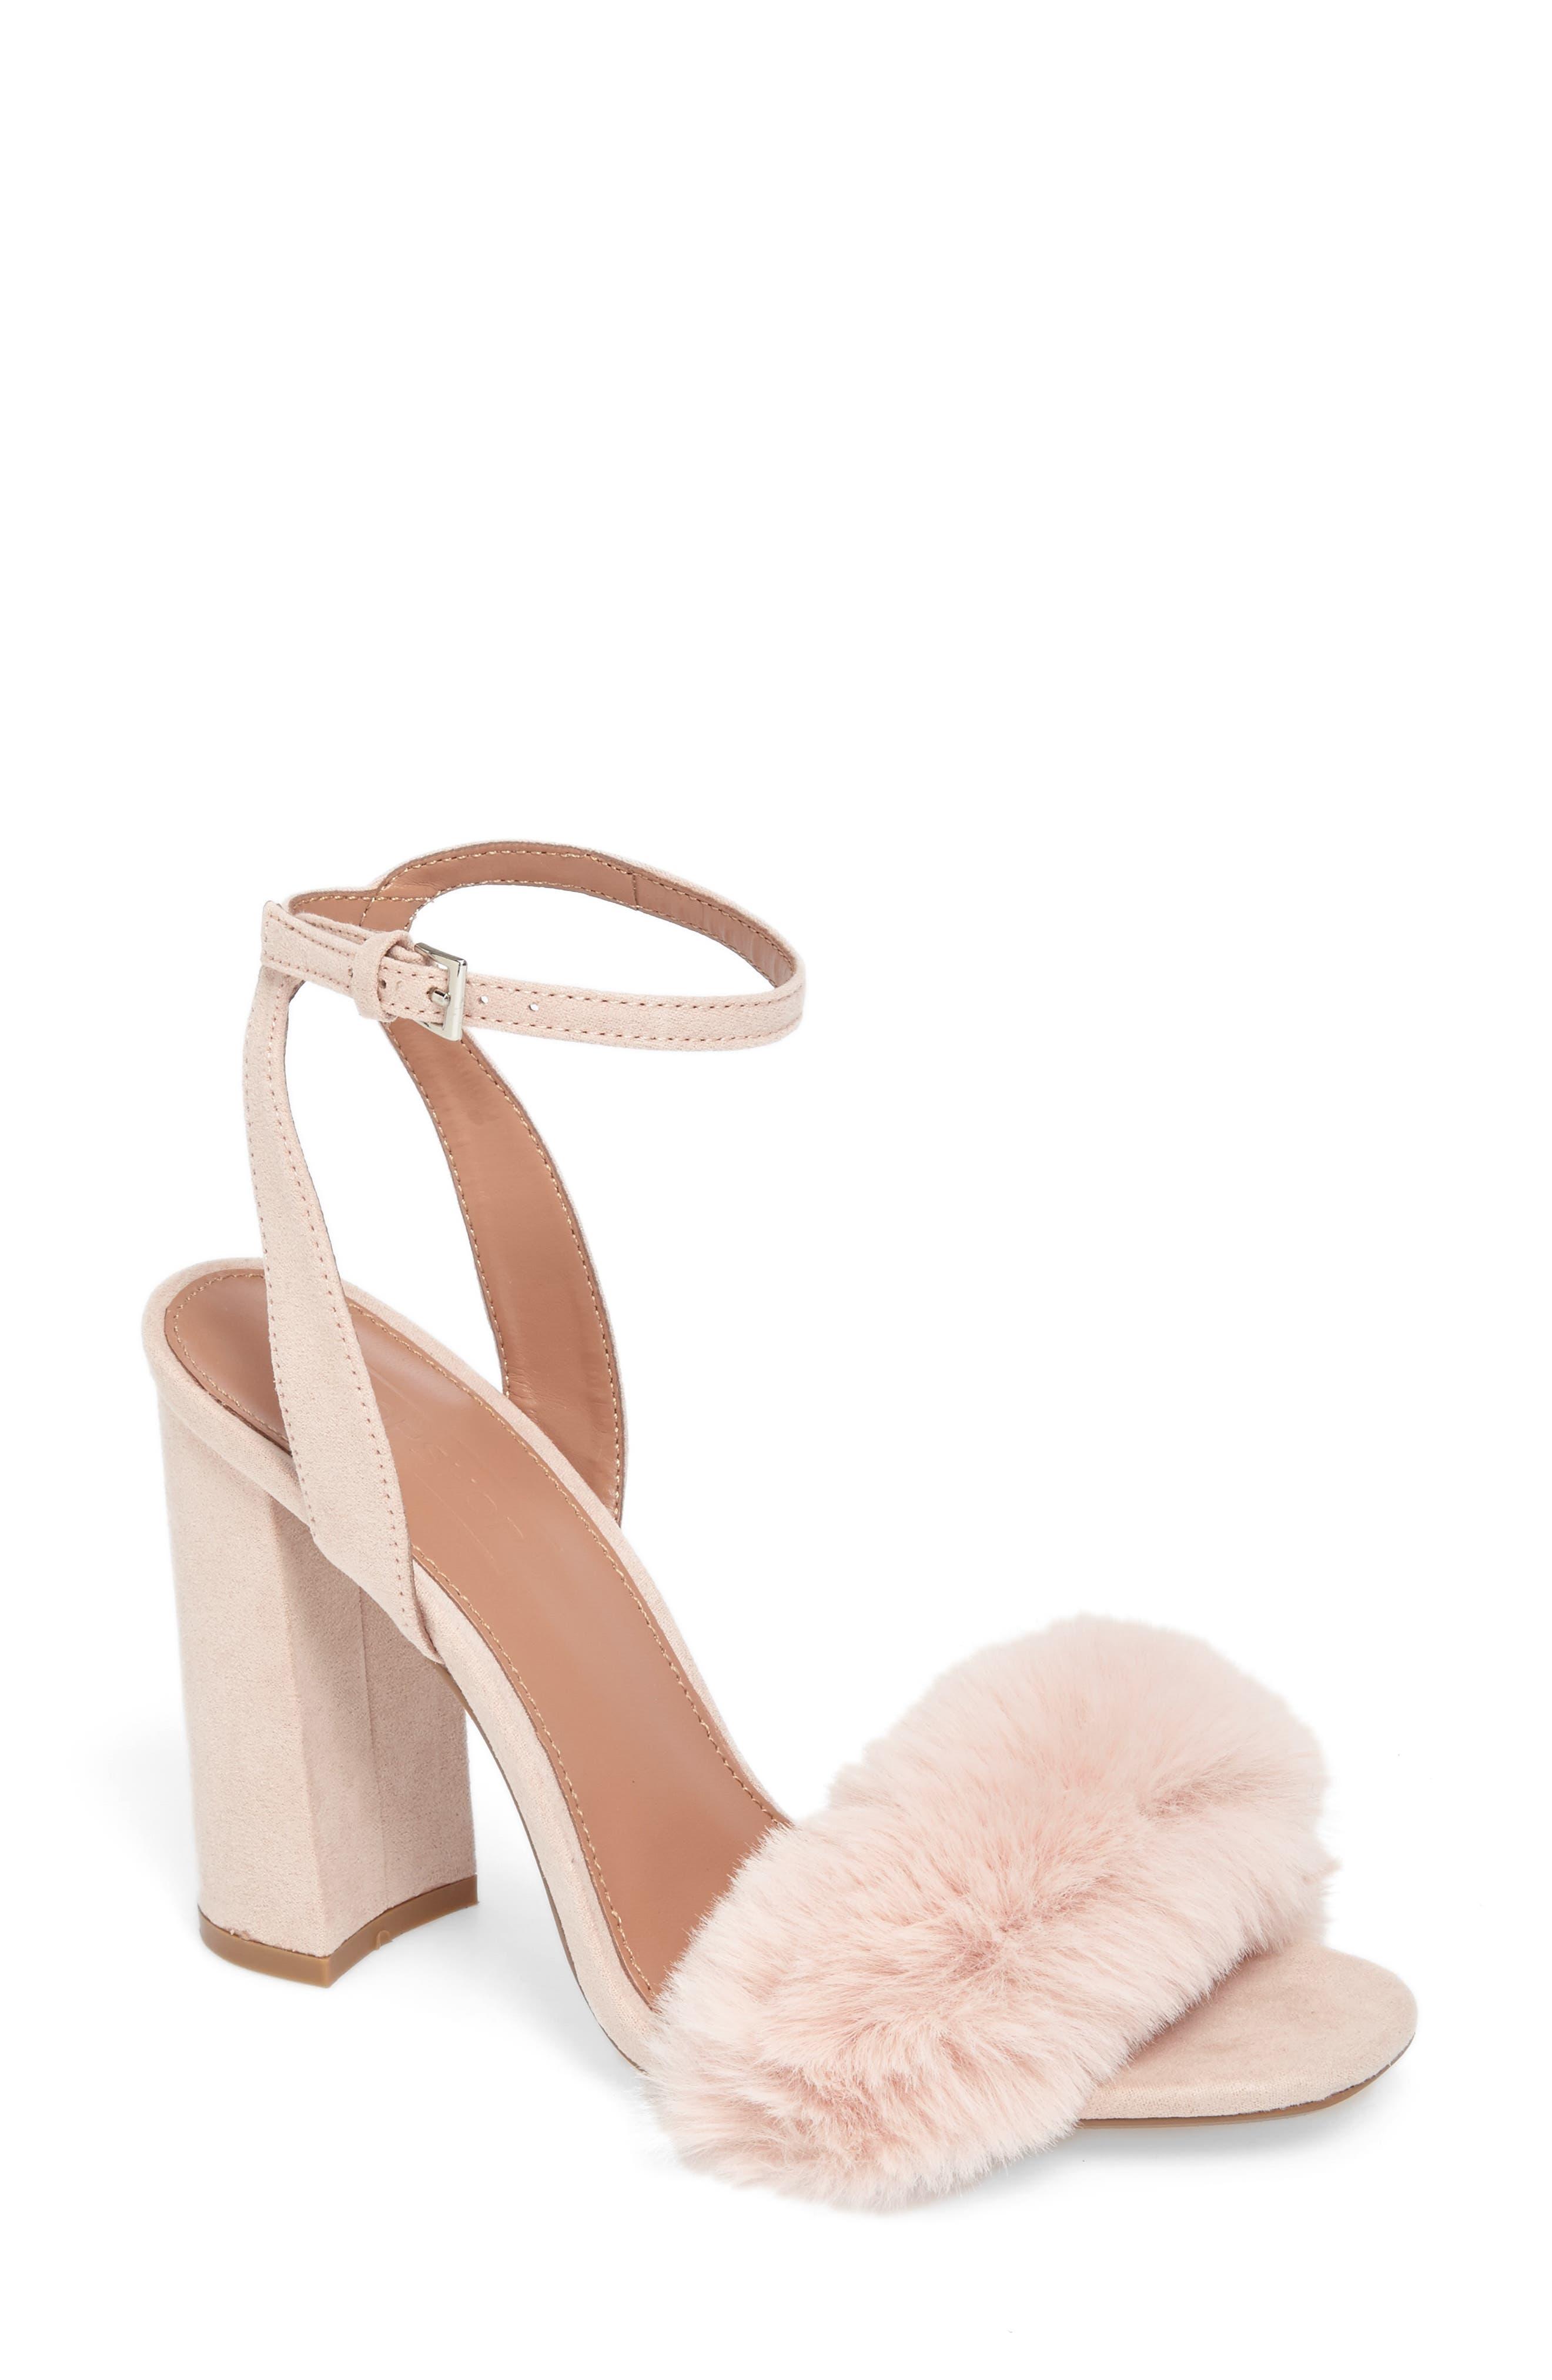 Maison Faux Fur Block Heel Sandal,                             Main thumbnail 1, color,                             250